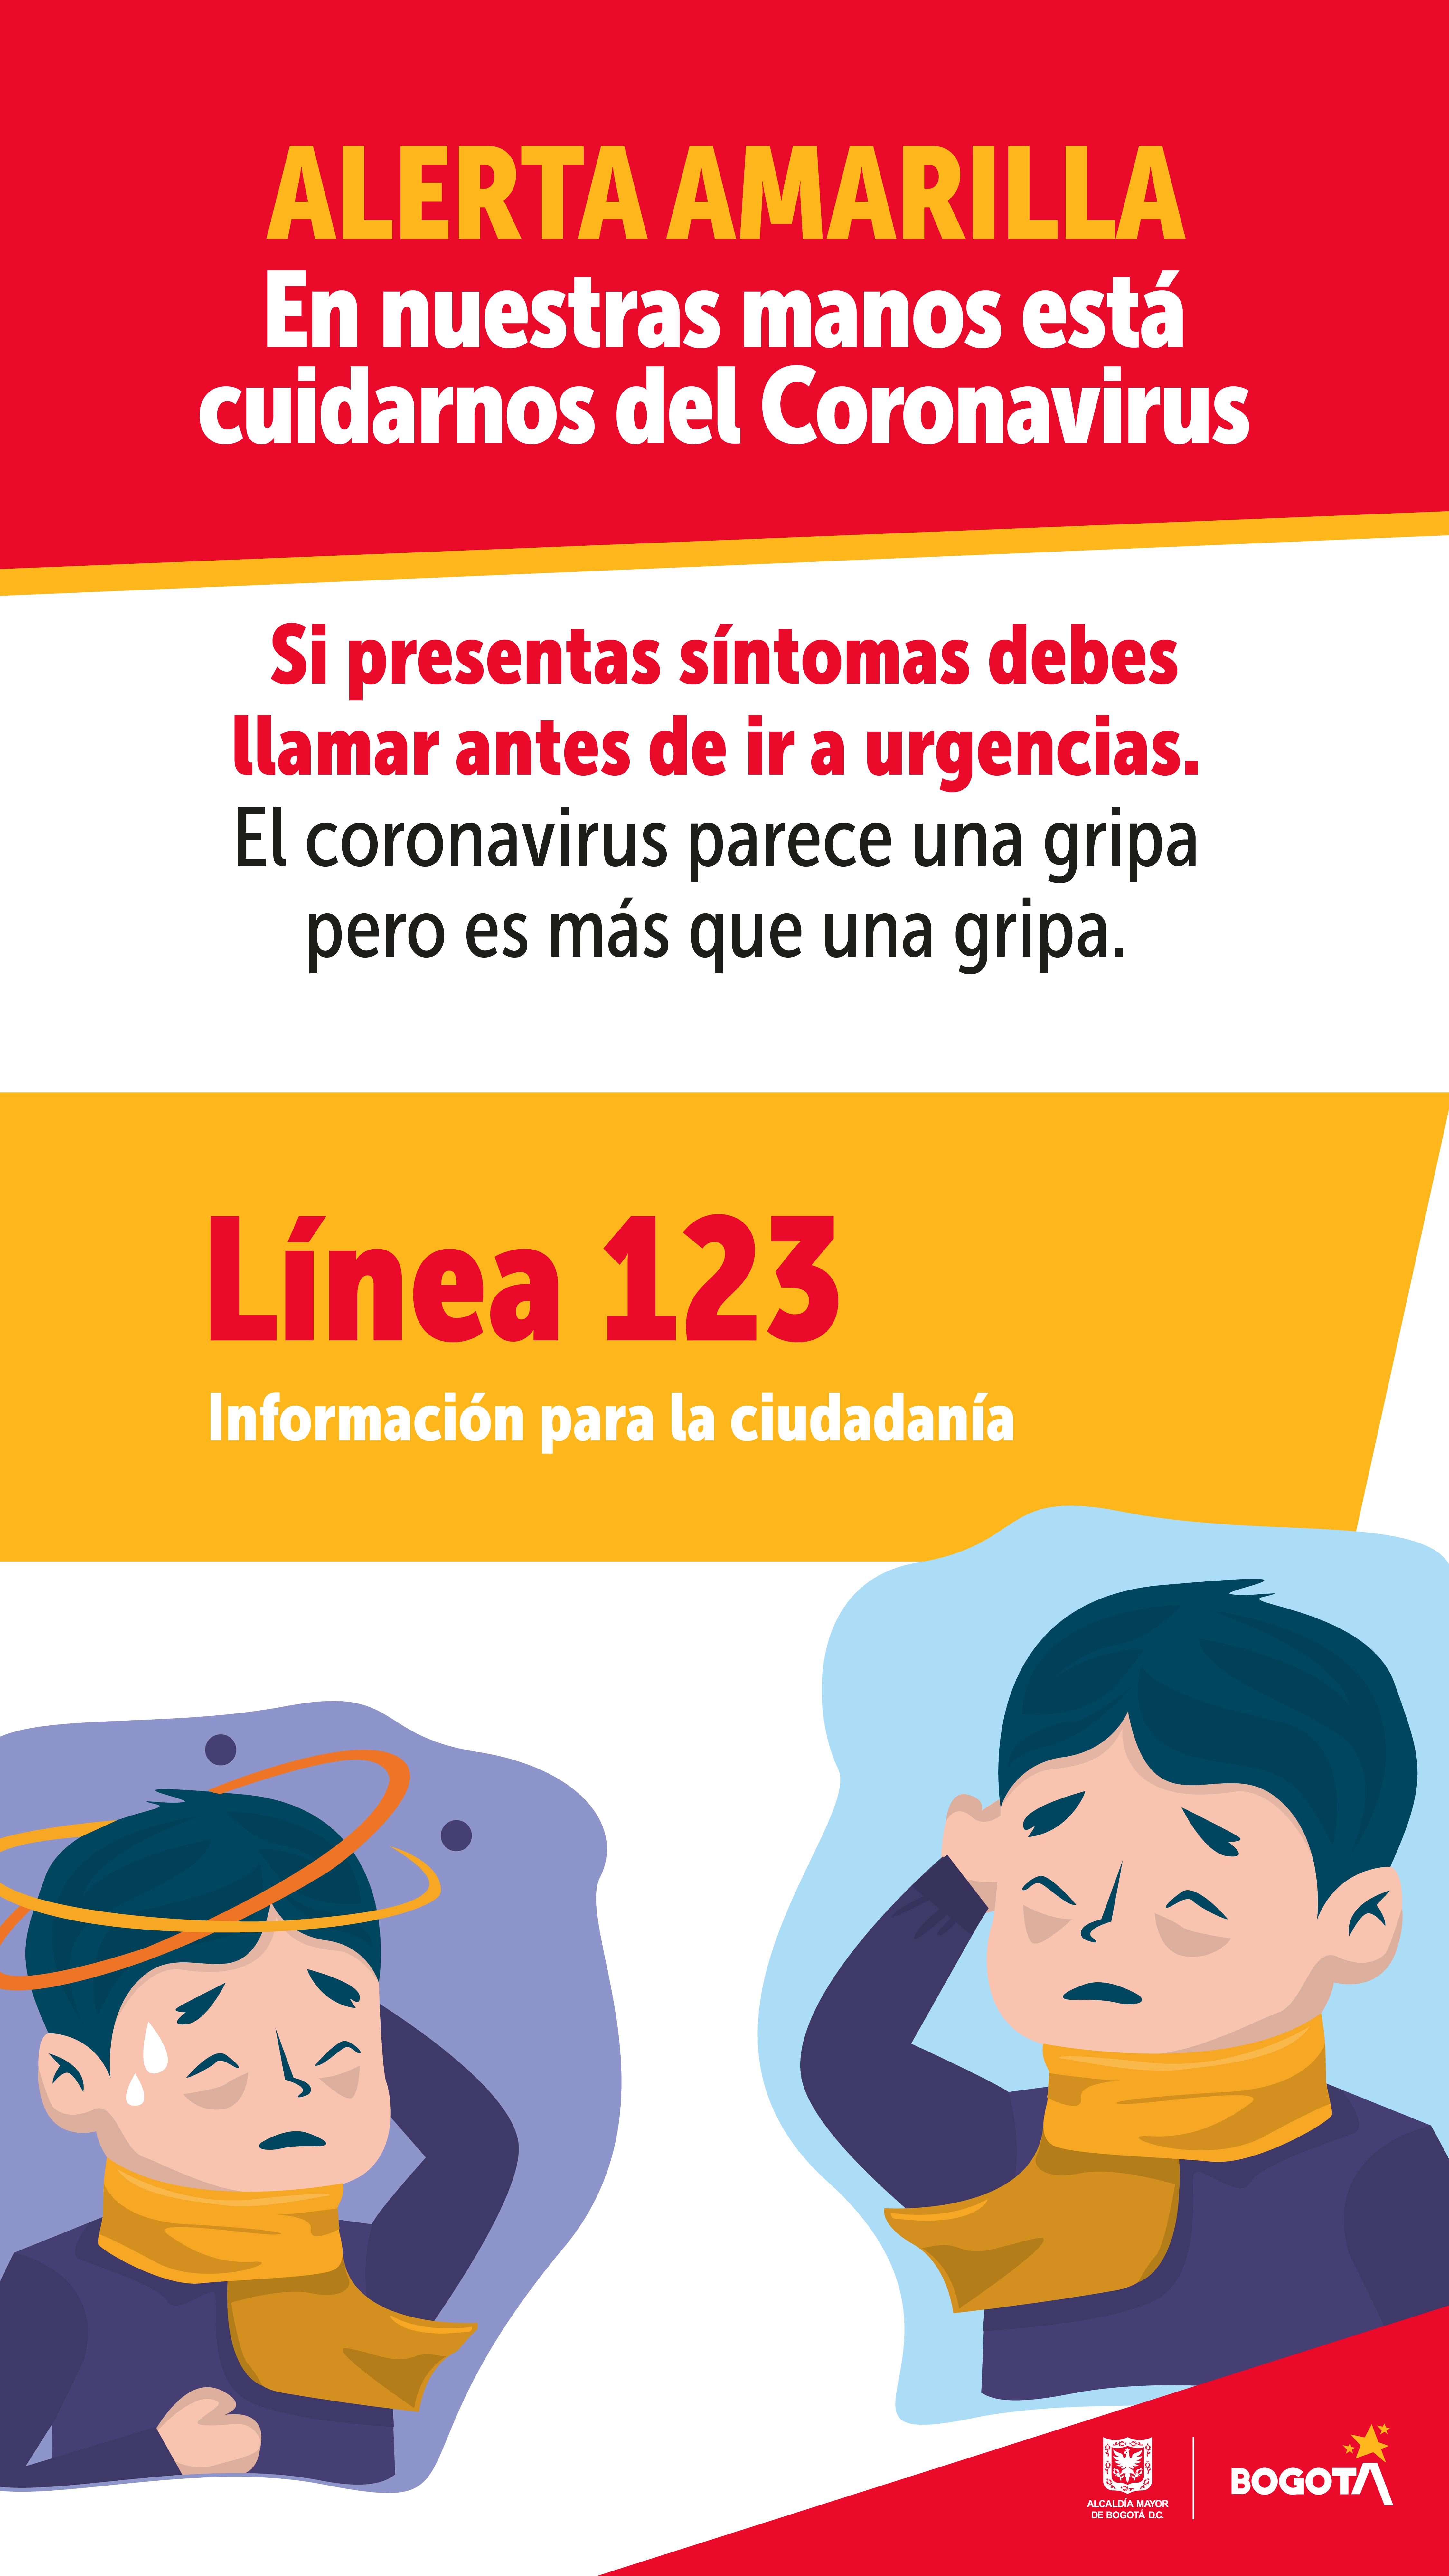 Marque al 123 en caso de presentar sintomas relacionados con el CoronaVirus